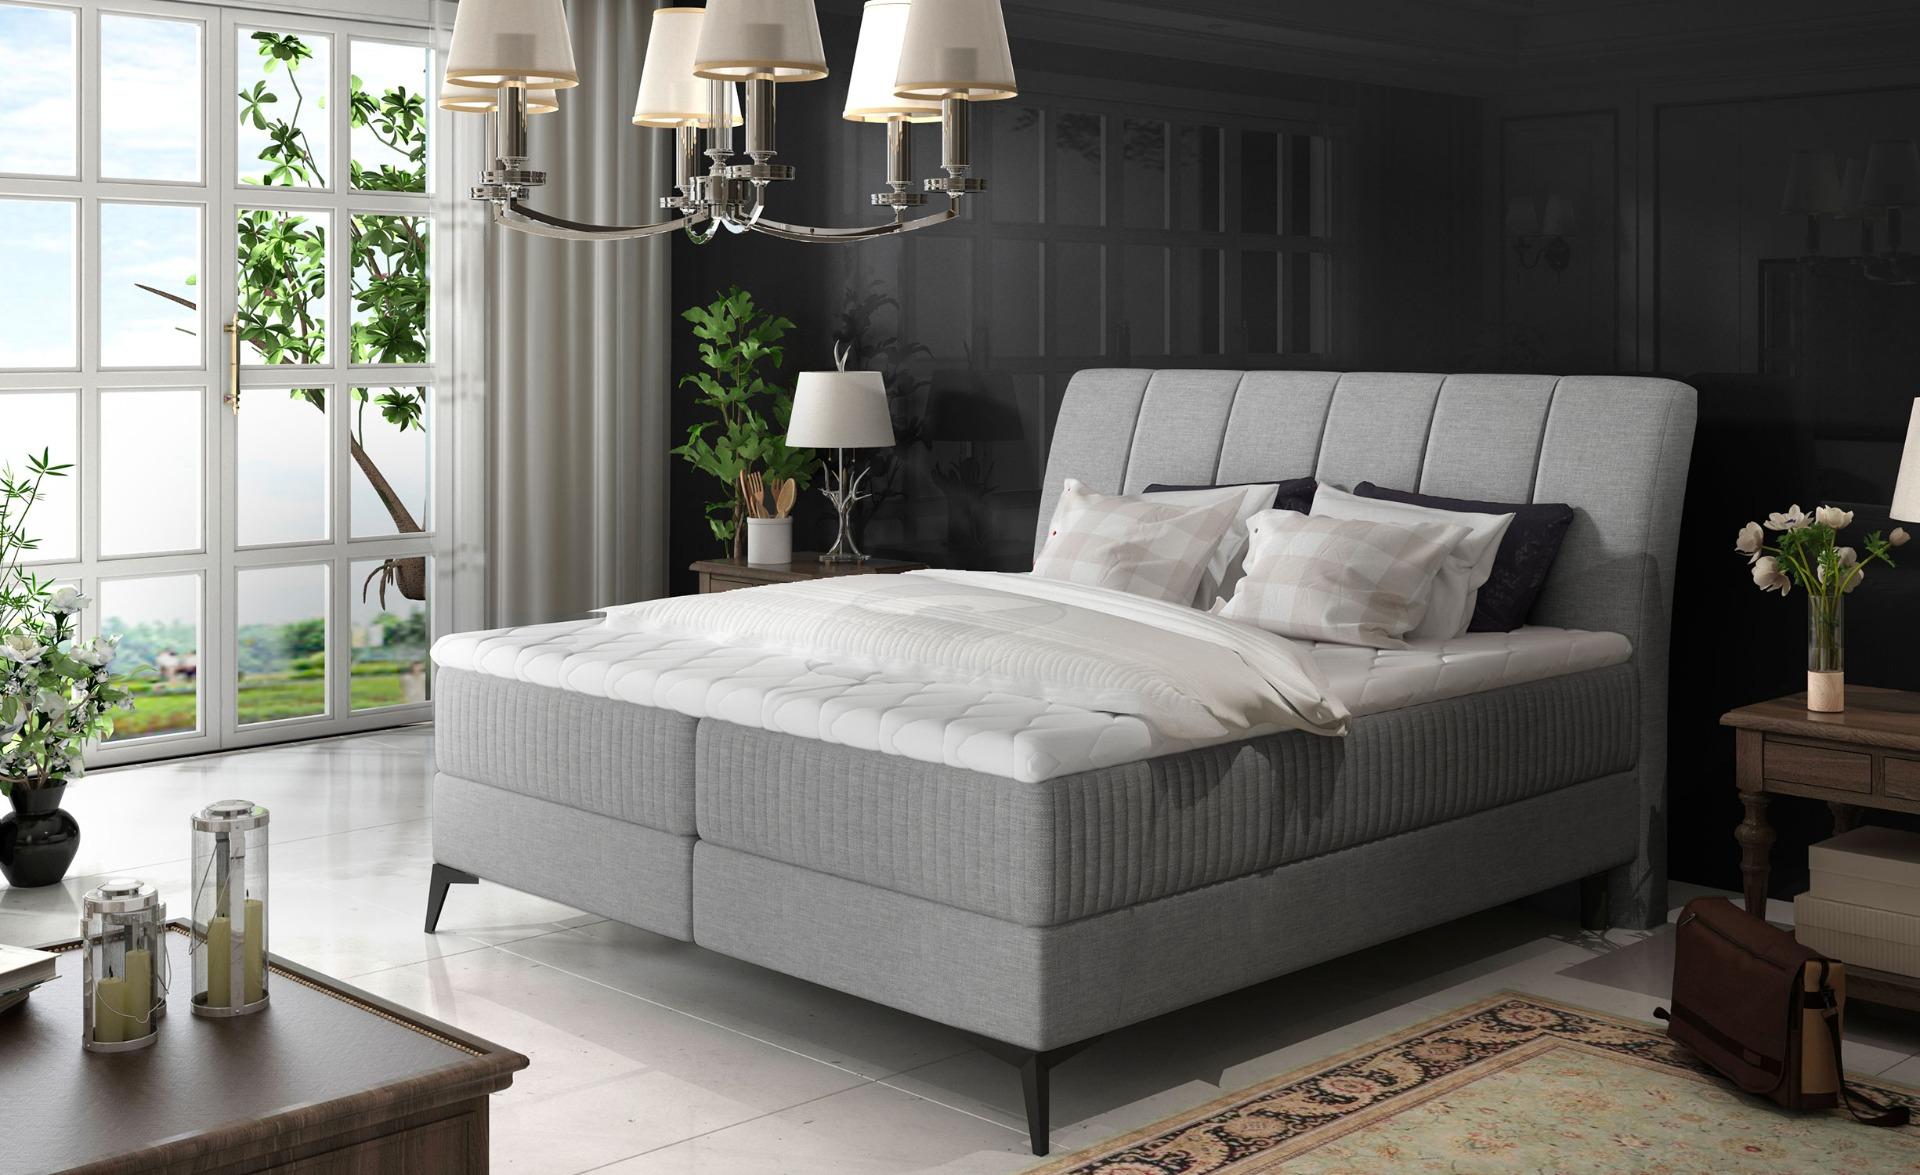 Aderito Bed met opbergruimte 140 cm grijze stof